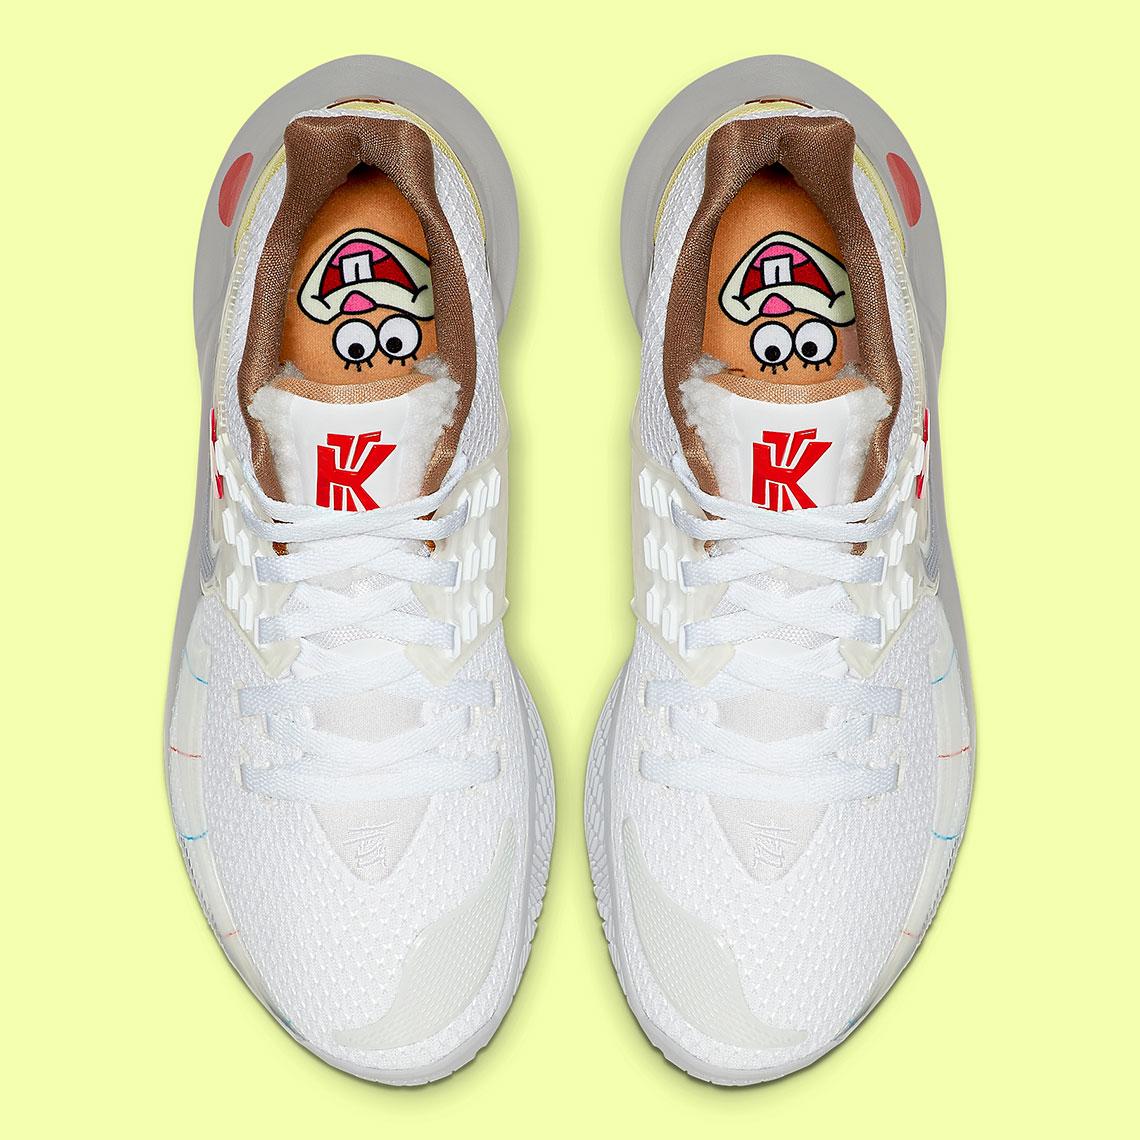 Nike Kyrie Low 2 Sandy Cheeks CJ6953